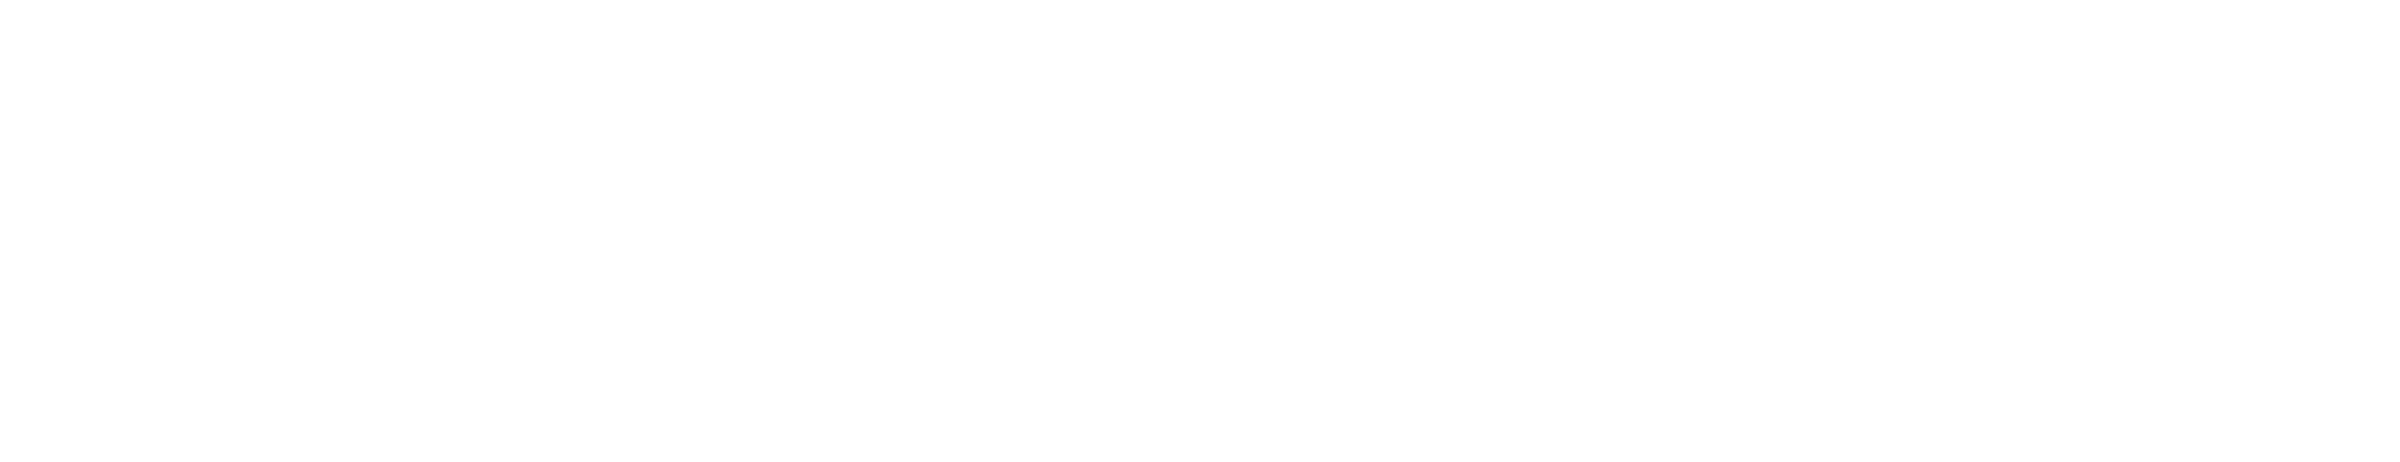 mazda_003.png